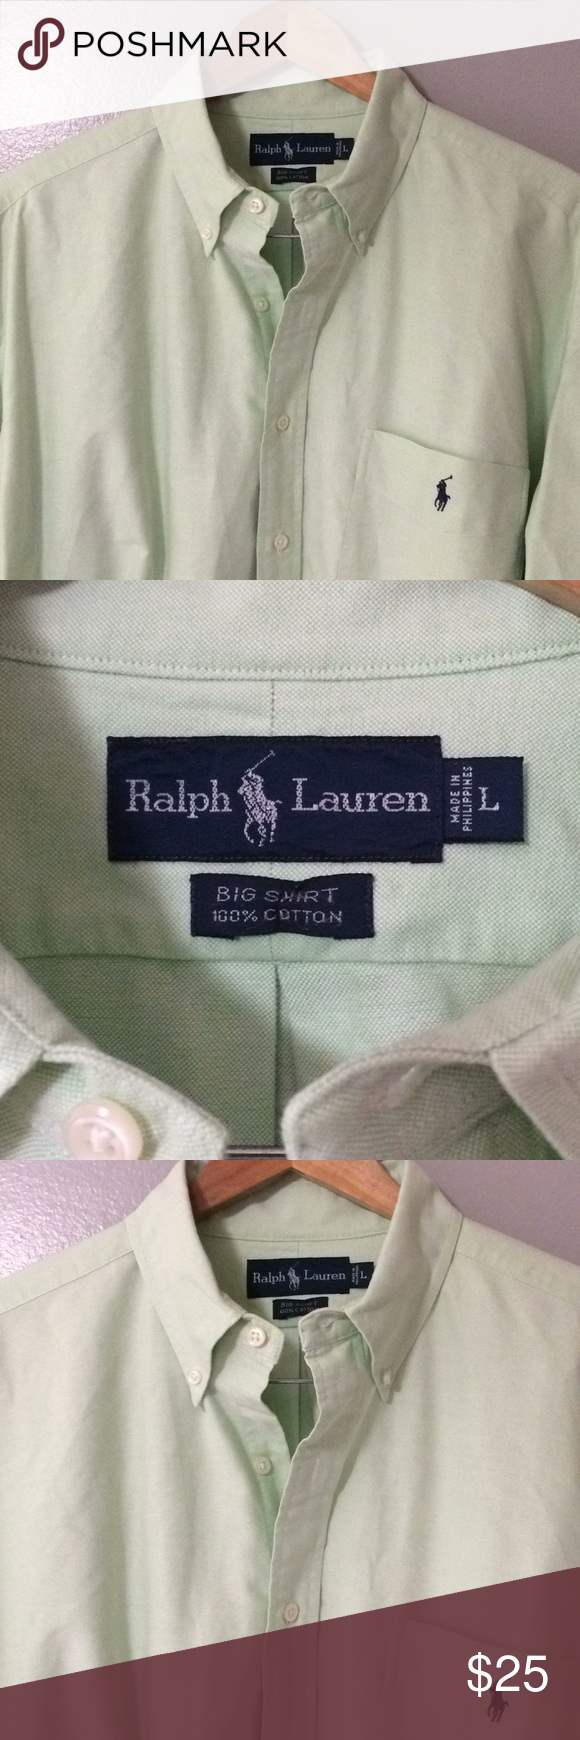 Green dress shirt mens Polo Ralph Lauren